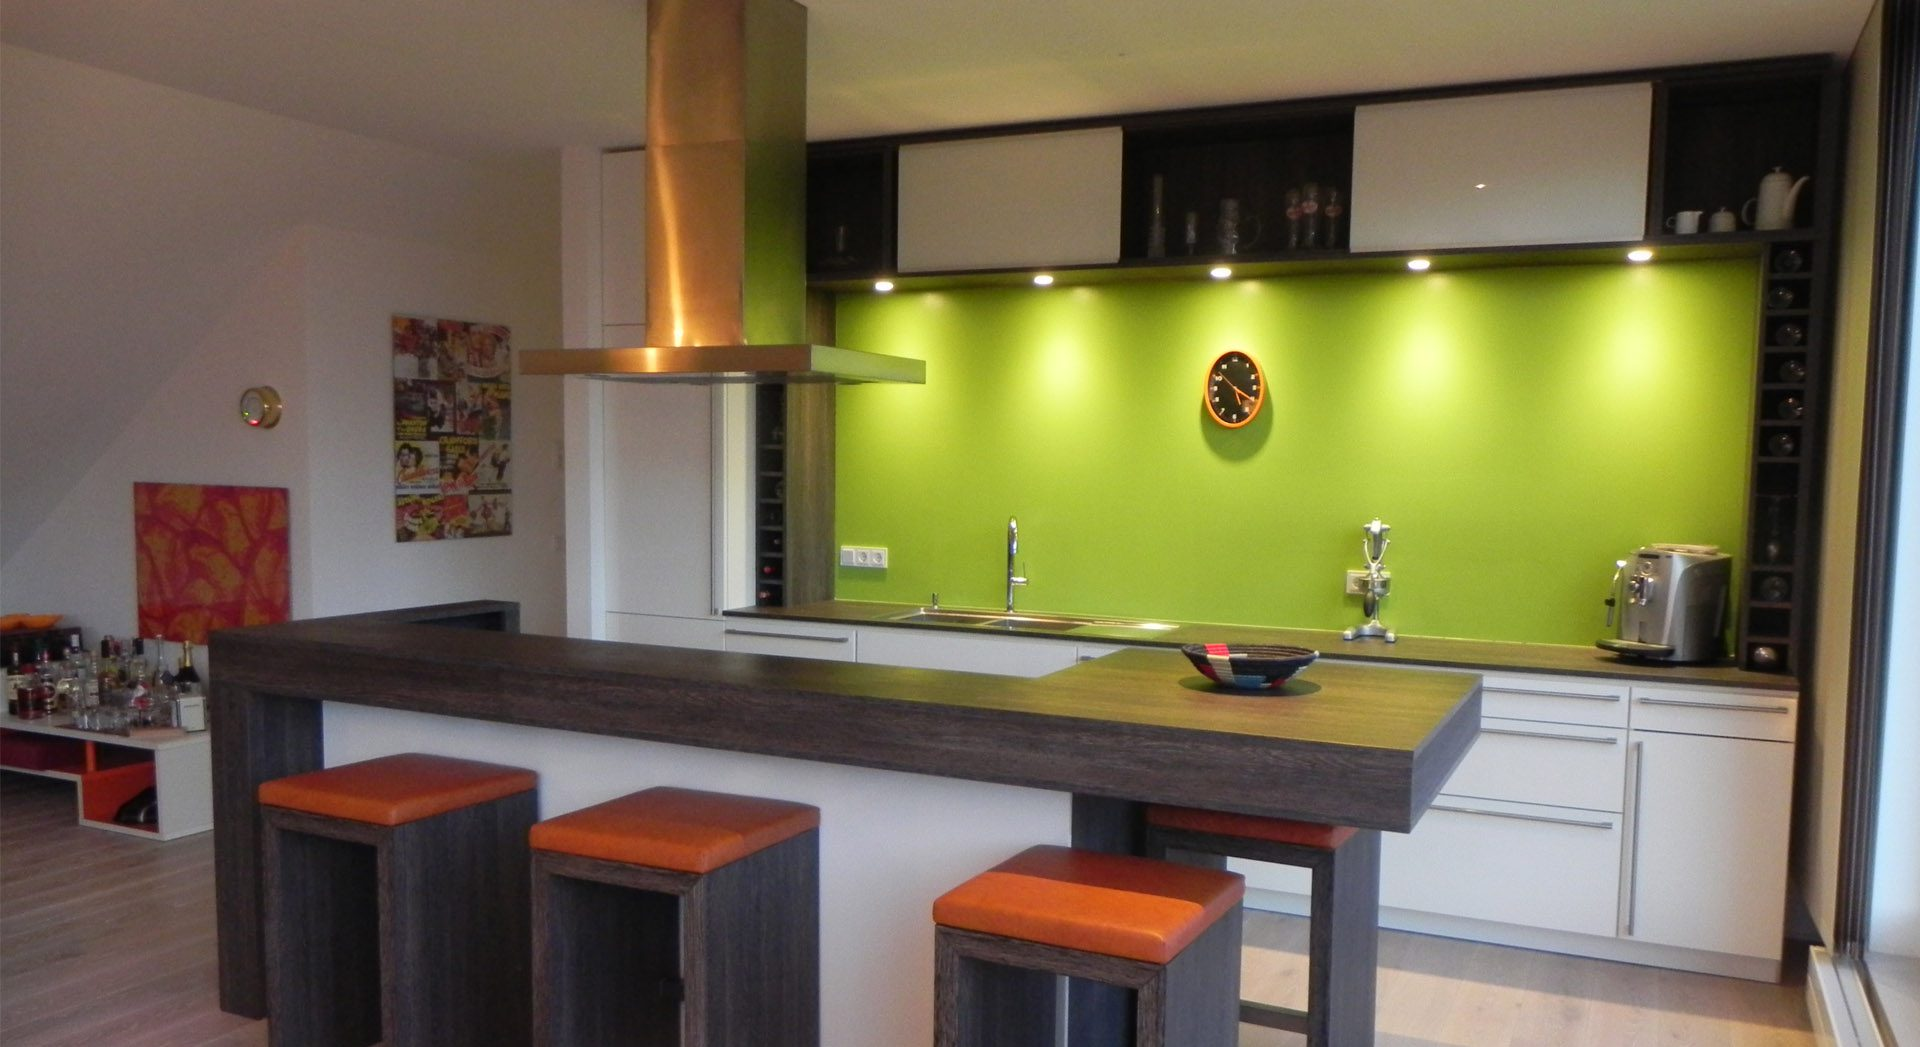 Küche; Kochinsel; Bar; Küchendesign; Innenarchitektur; Indiviuelle Küchen; Möbeldesign; Wohnungsbau;